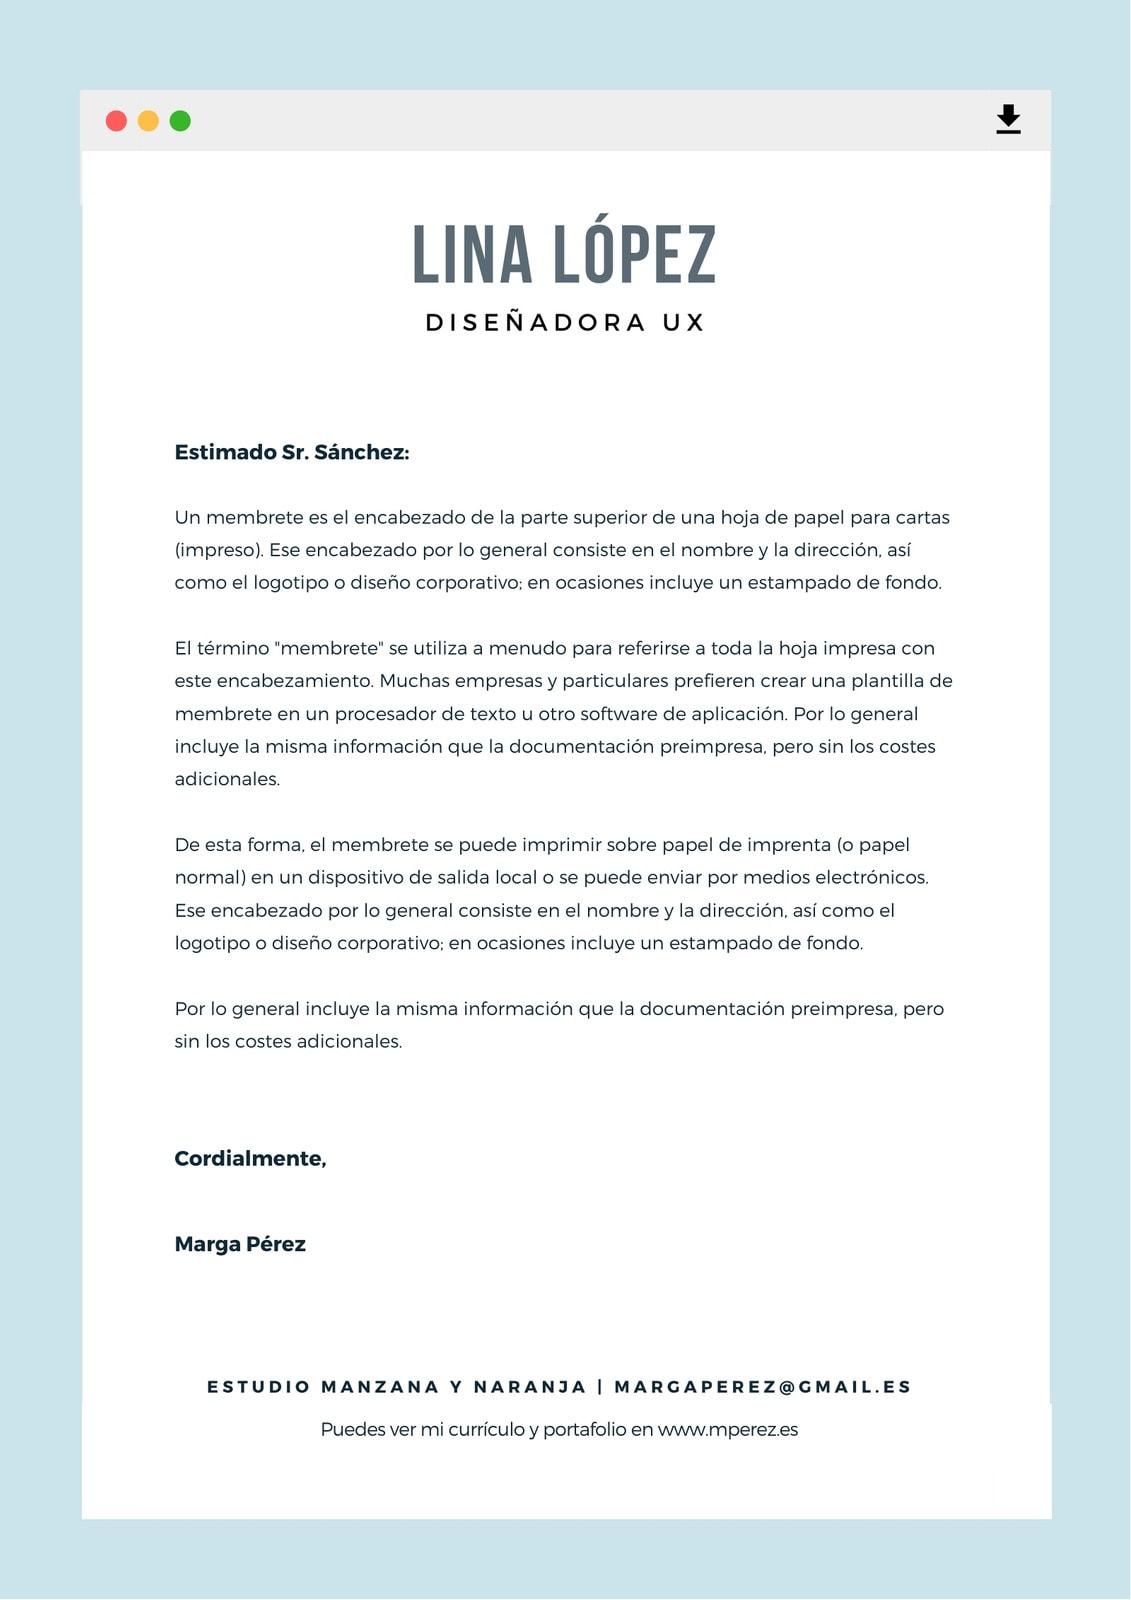 Azul Claro Navegador Web Diseñador Artista Membrete Carta